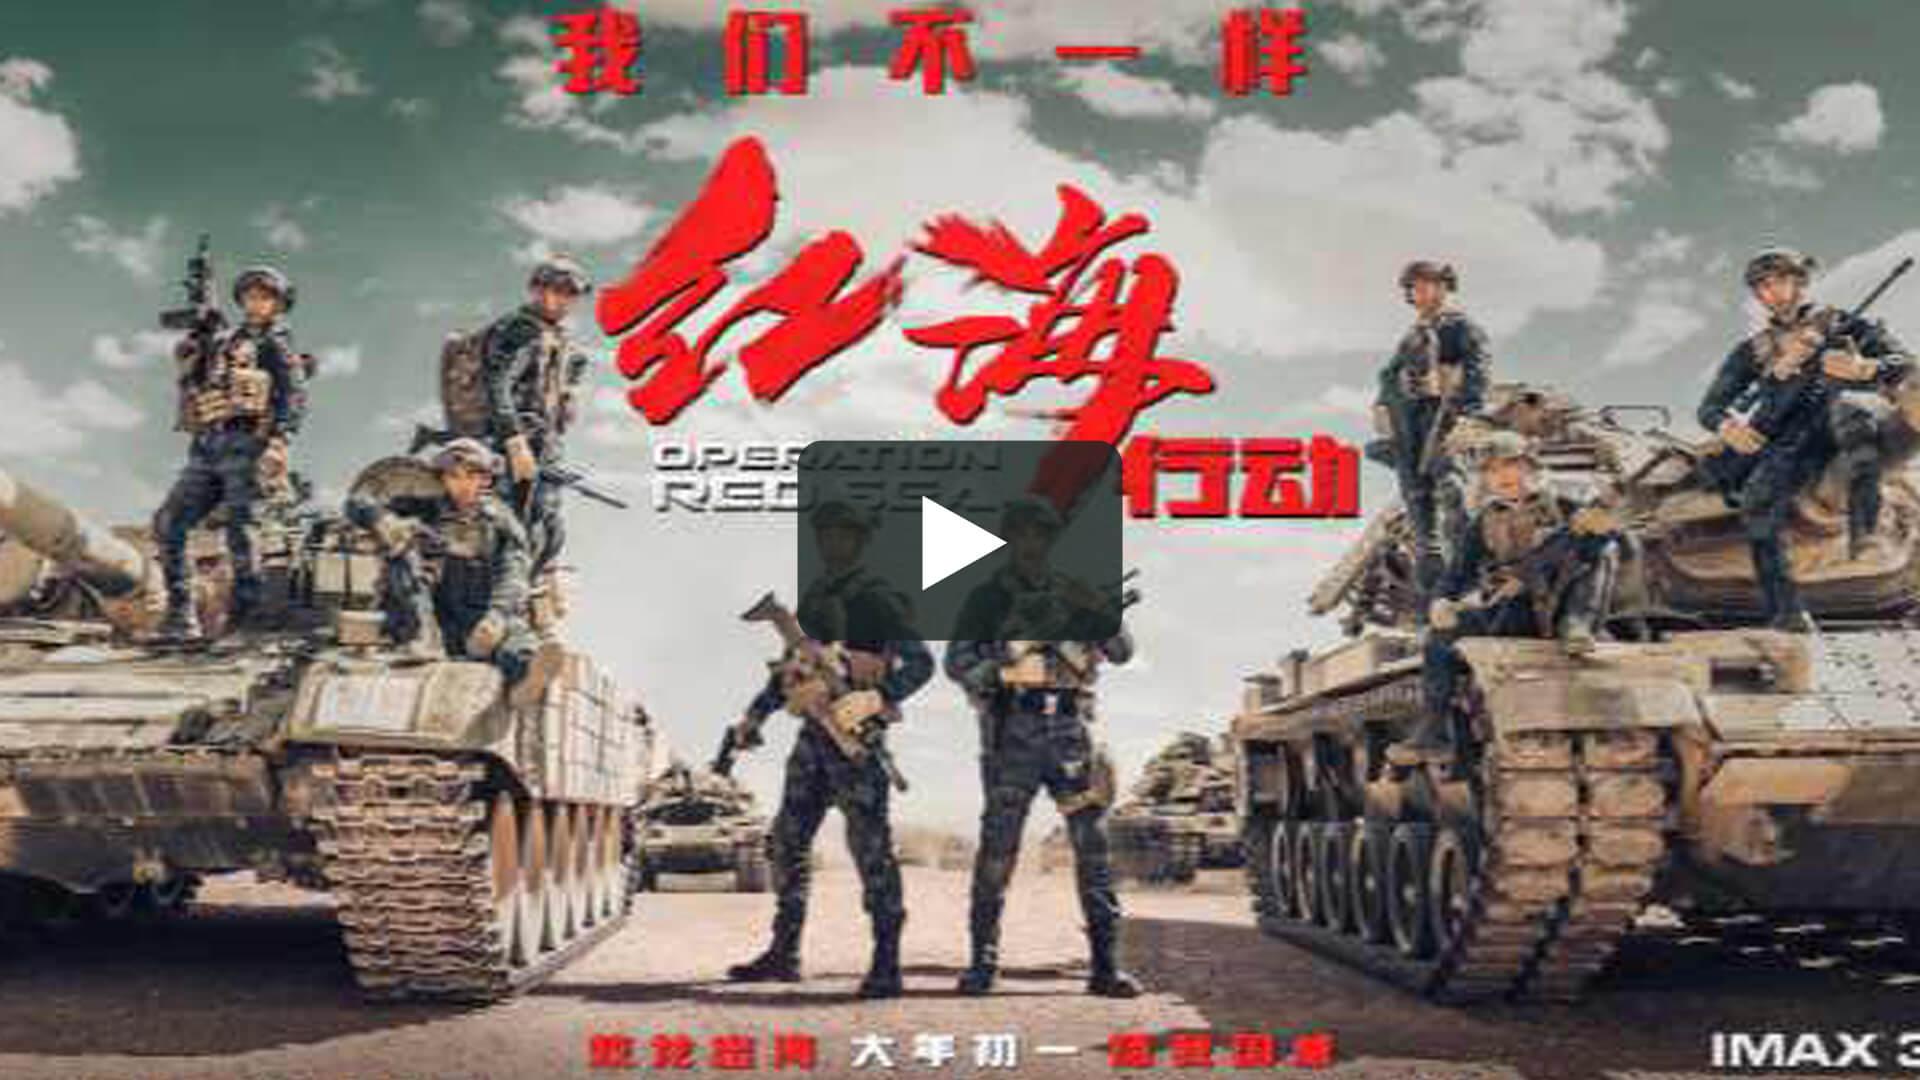 紅海行動 - Operation Red Sea